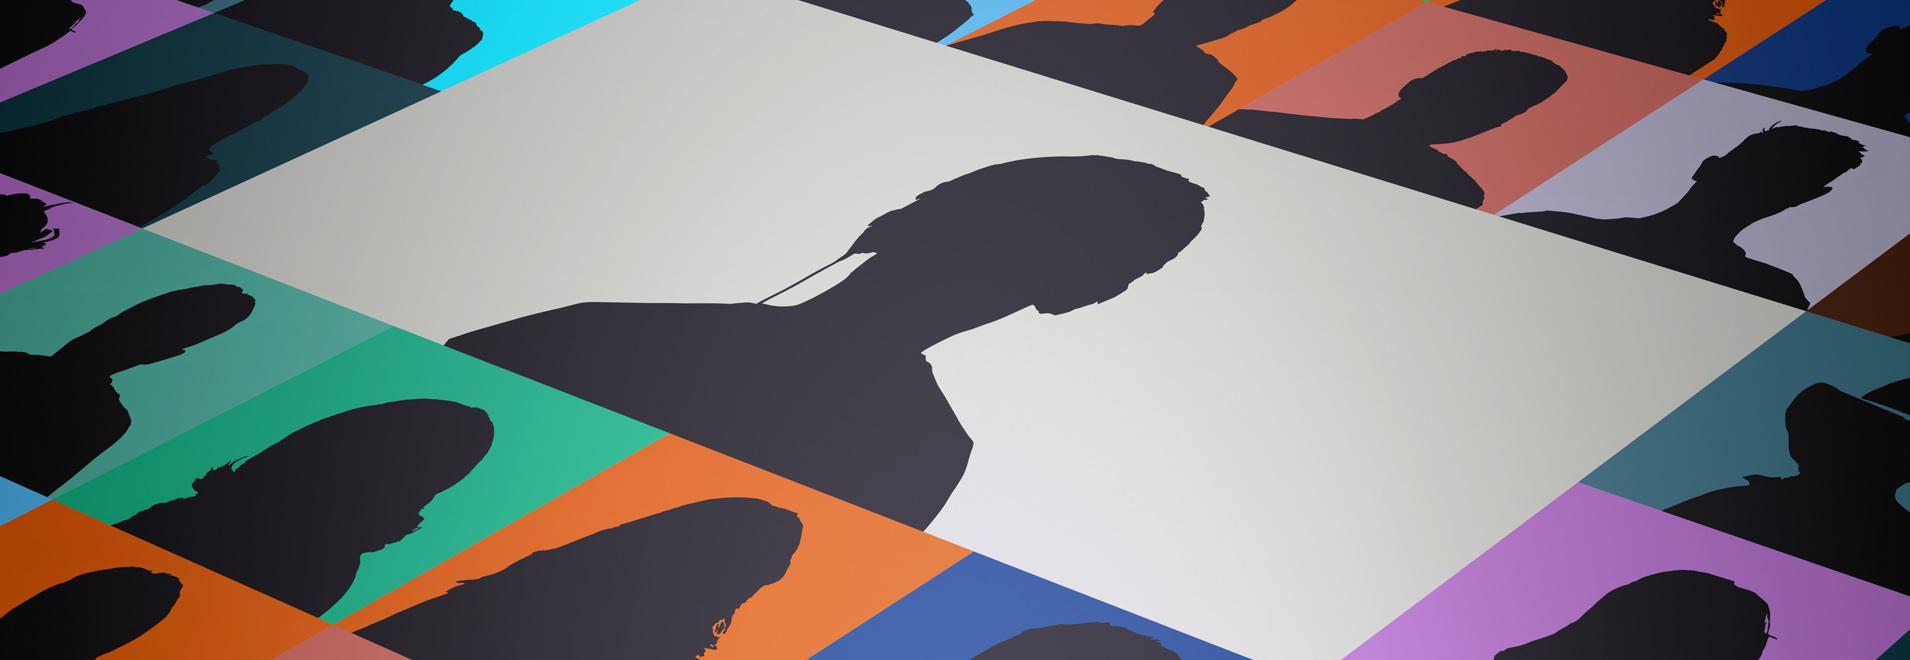 Imagen compuesta por iconos de sombras y celdas de colores en los que se simula una reunión virtual